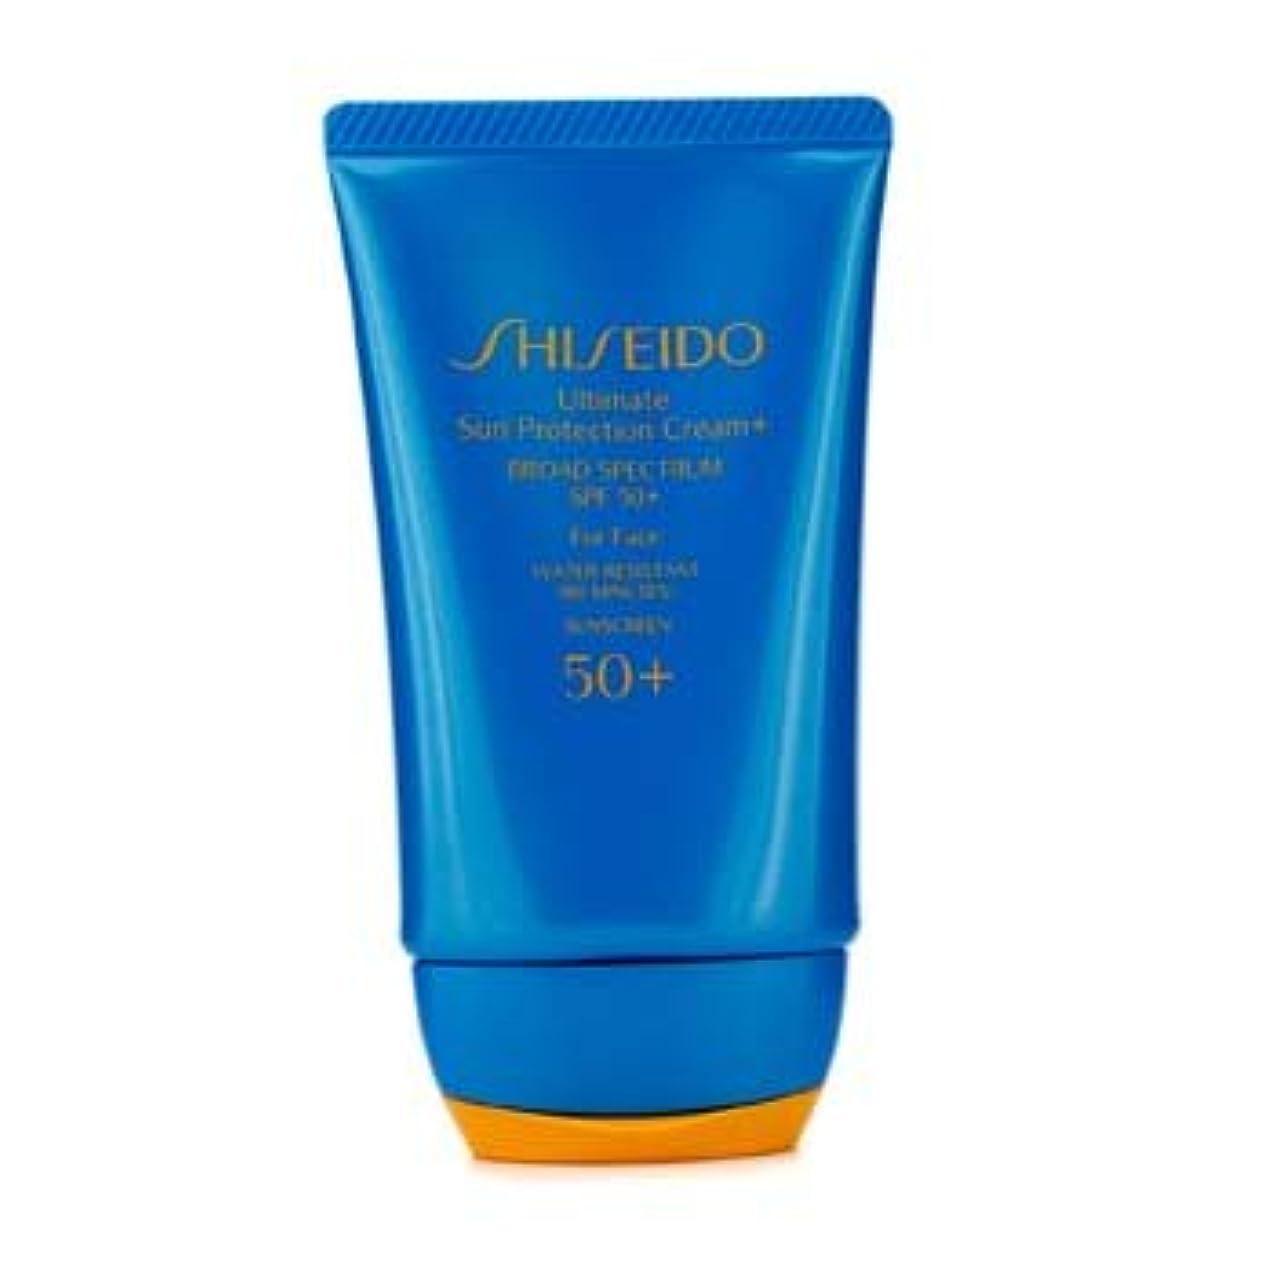 疑い無数の実証する[Shiseido] Ultimate Sun Protection Face Cream SPF 50+ 50ml/2.1oz